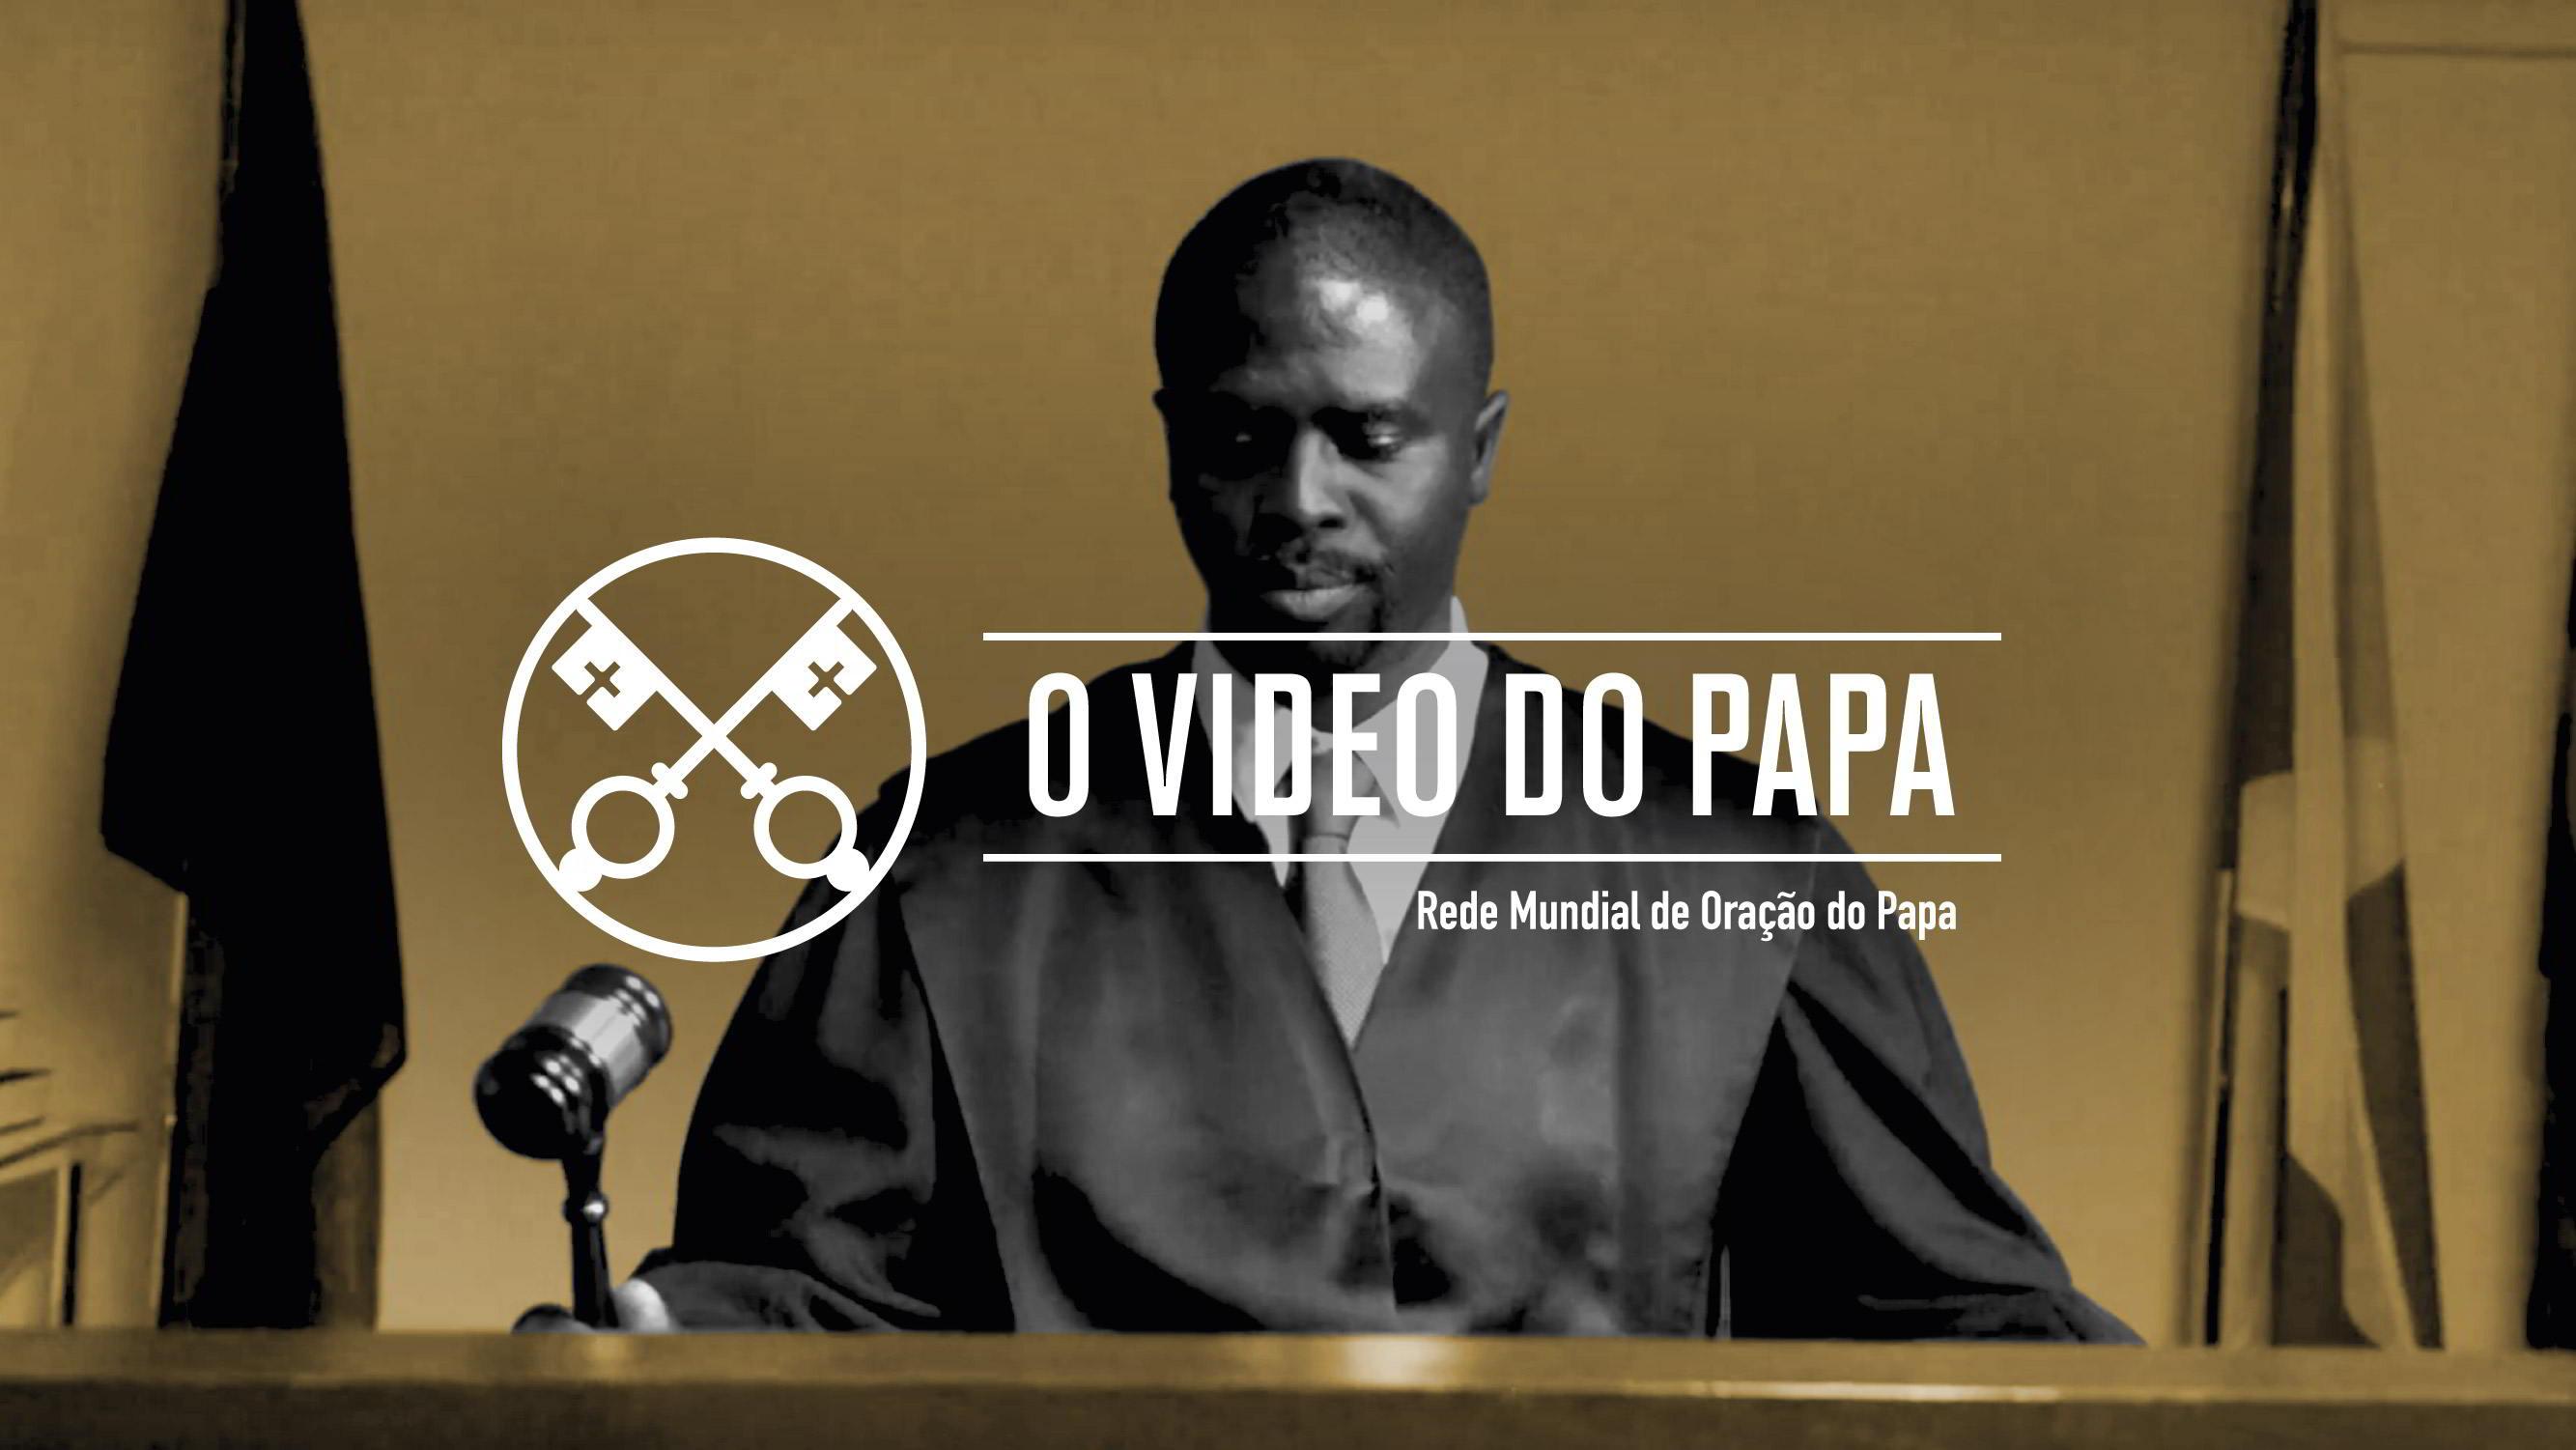 Official Image - TPV 7 2019 - 4 PT - Integridade da Justiça